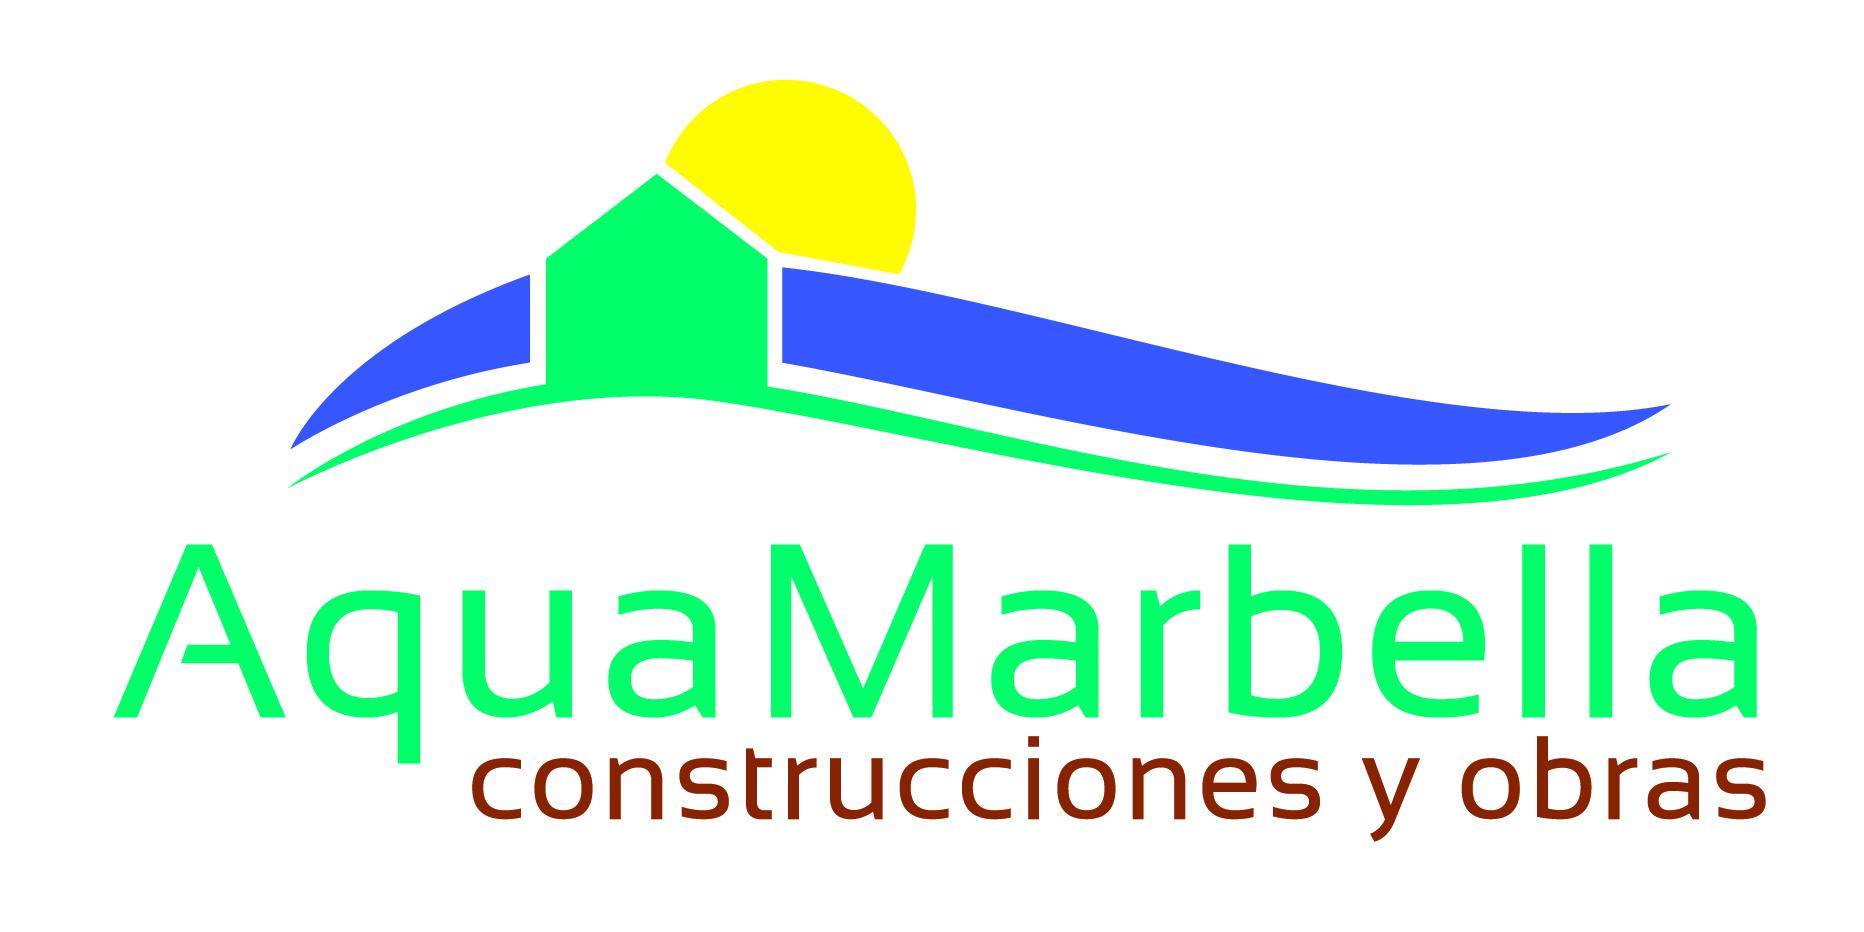 Aqua Marbella Construcciones Y Obras 7 S.l.